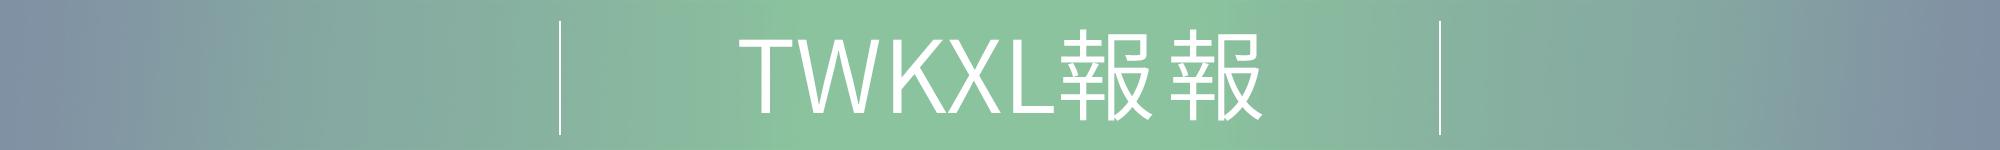 TWKXL報報|從這裡更加了解TWKXL的動態消息